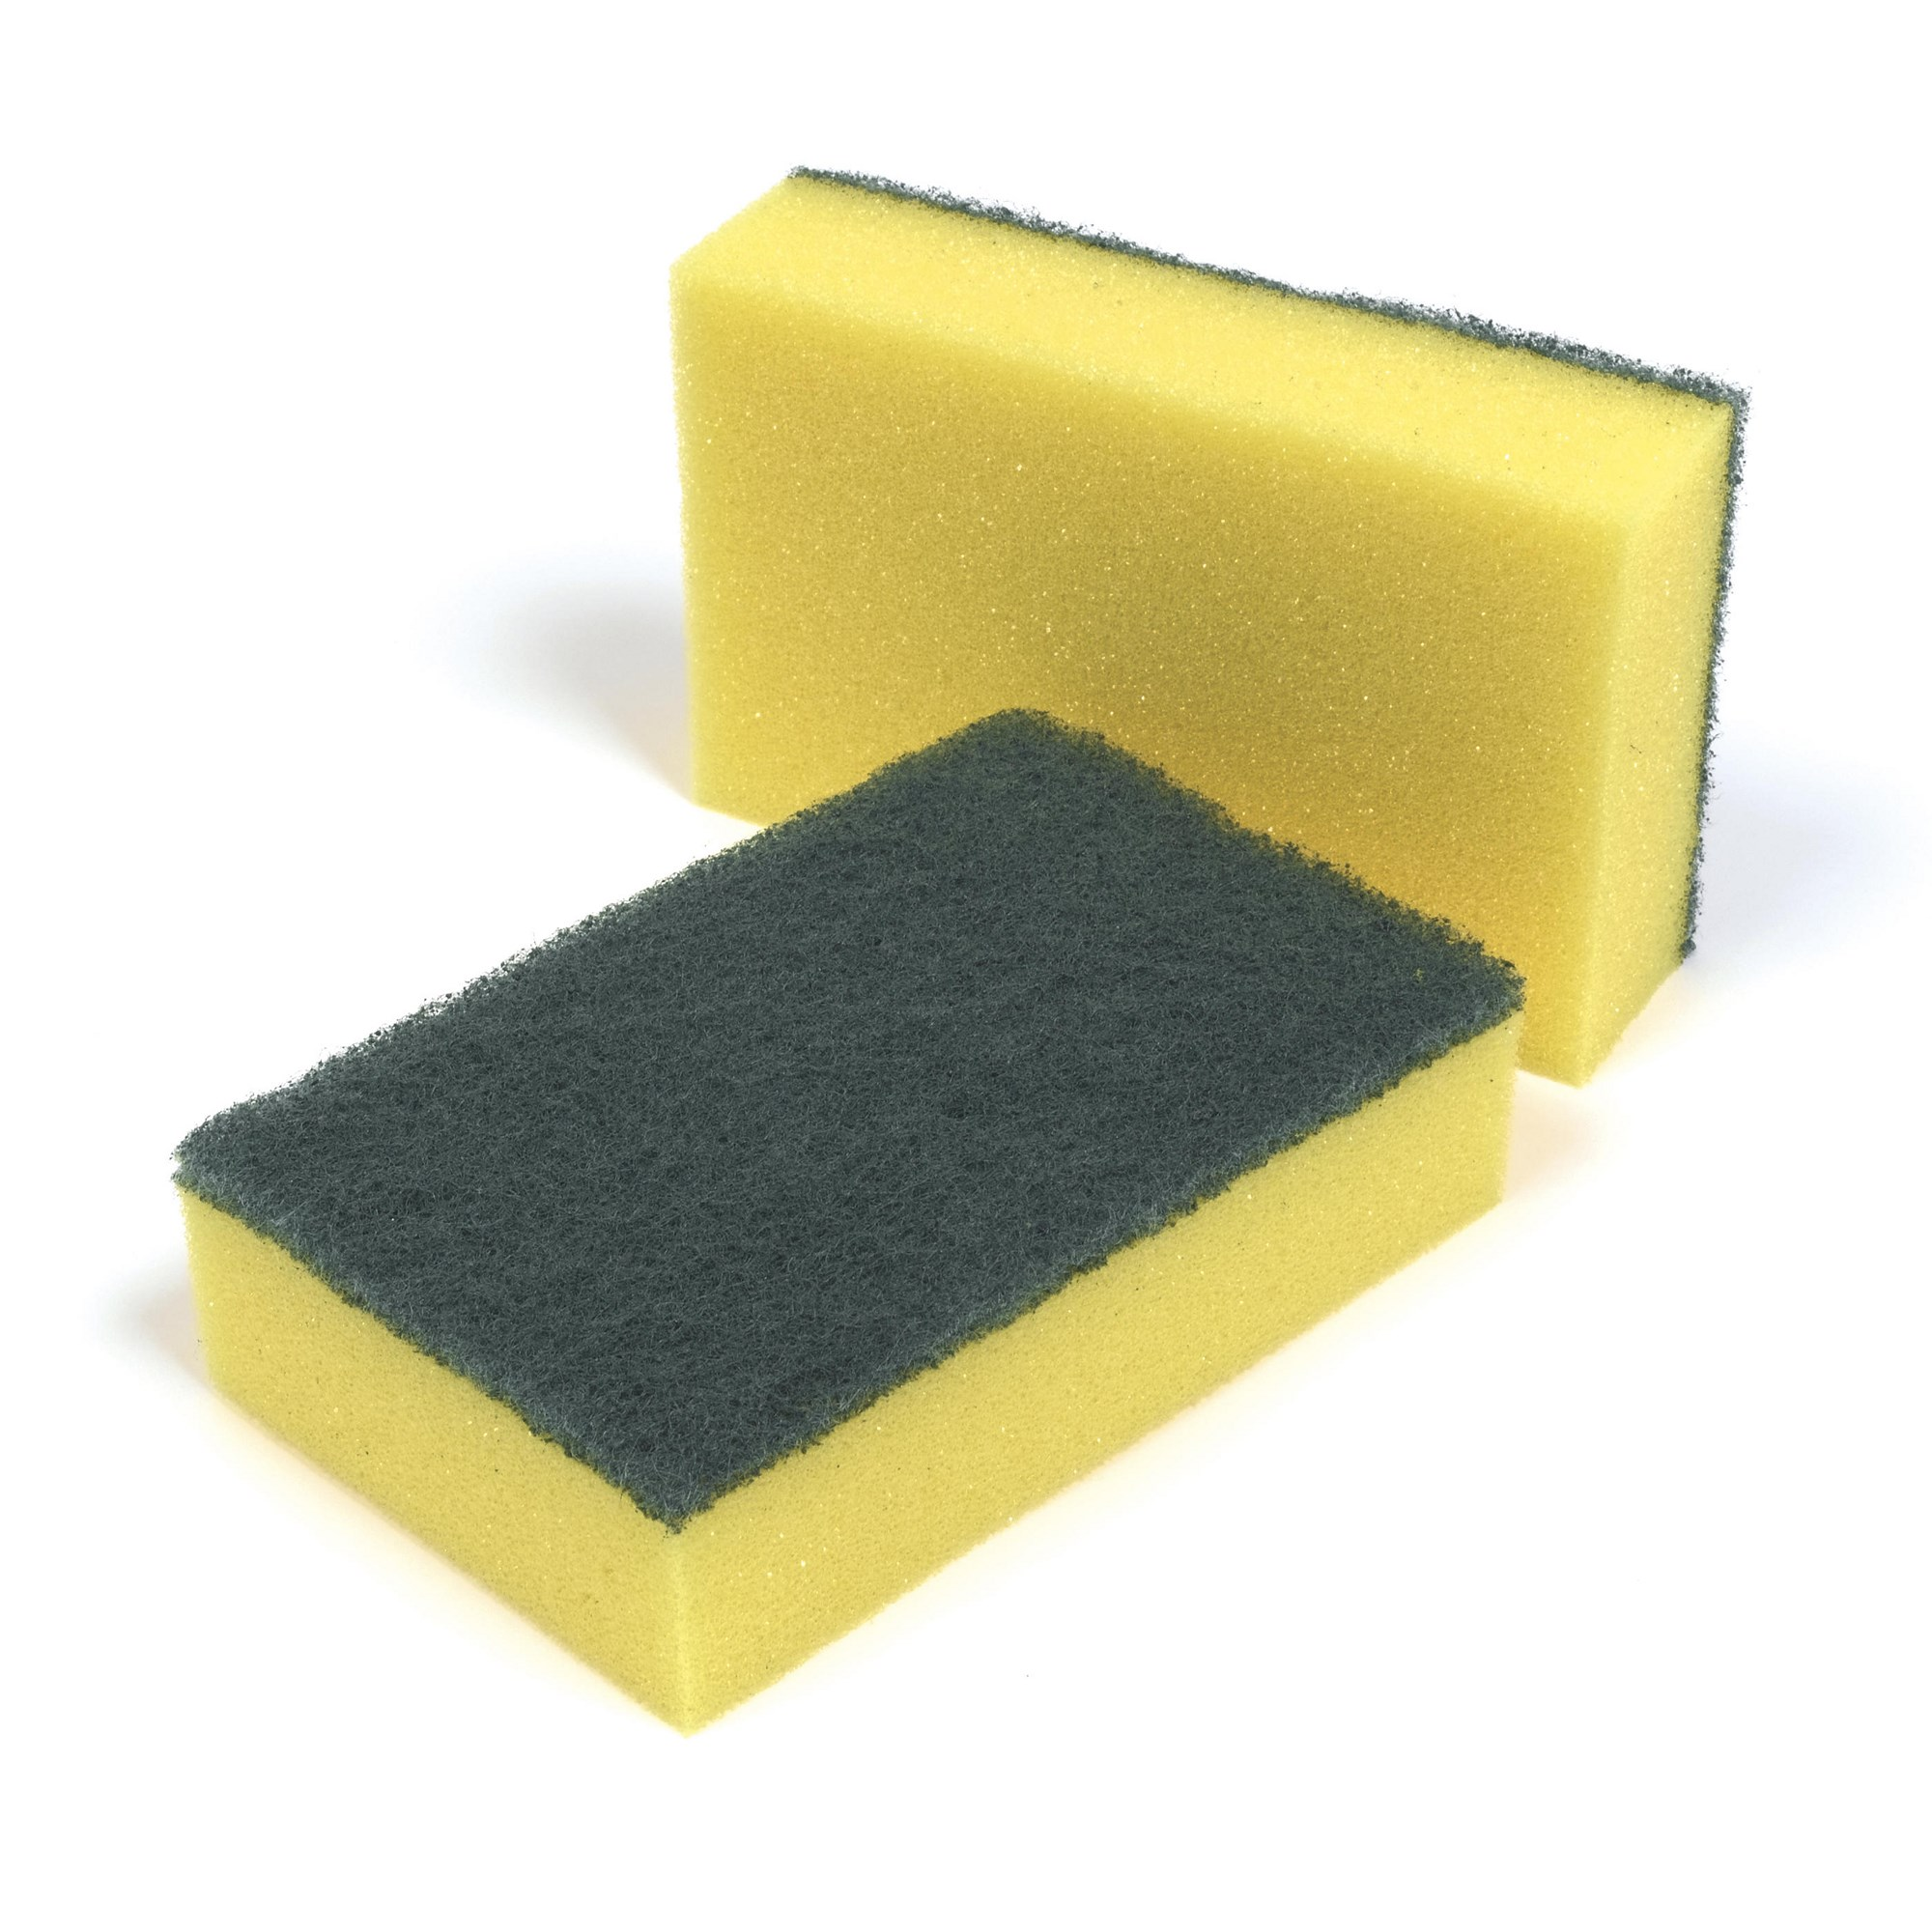 Catering Sponge Scourer (Pack of 10)